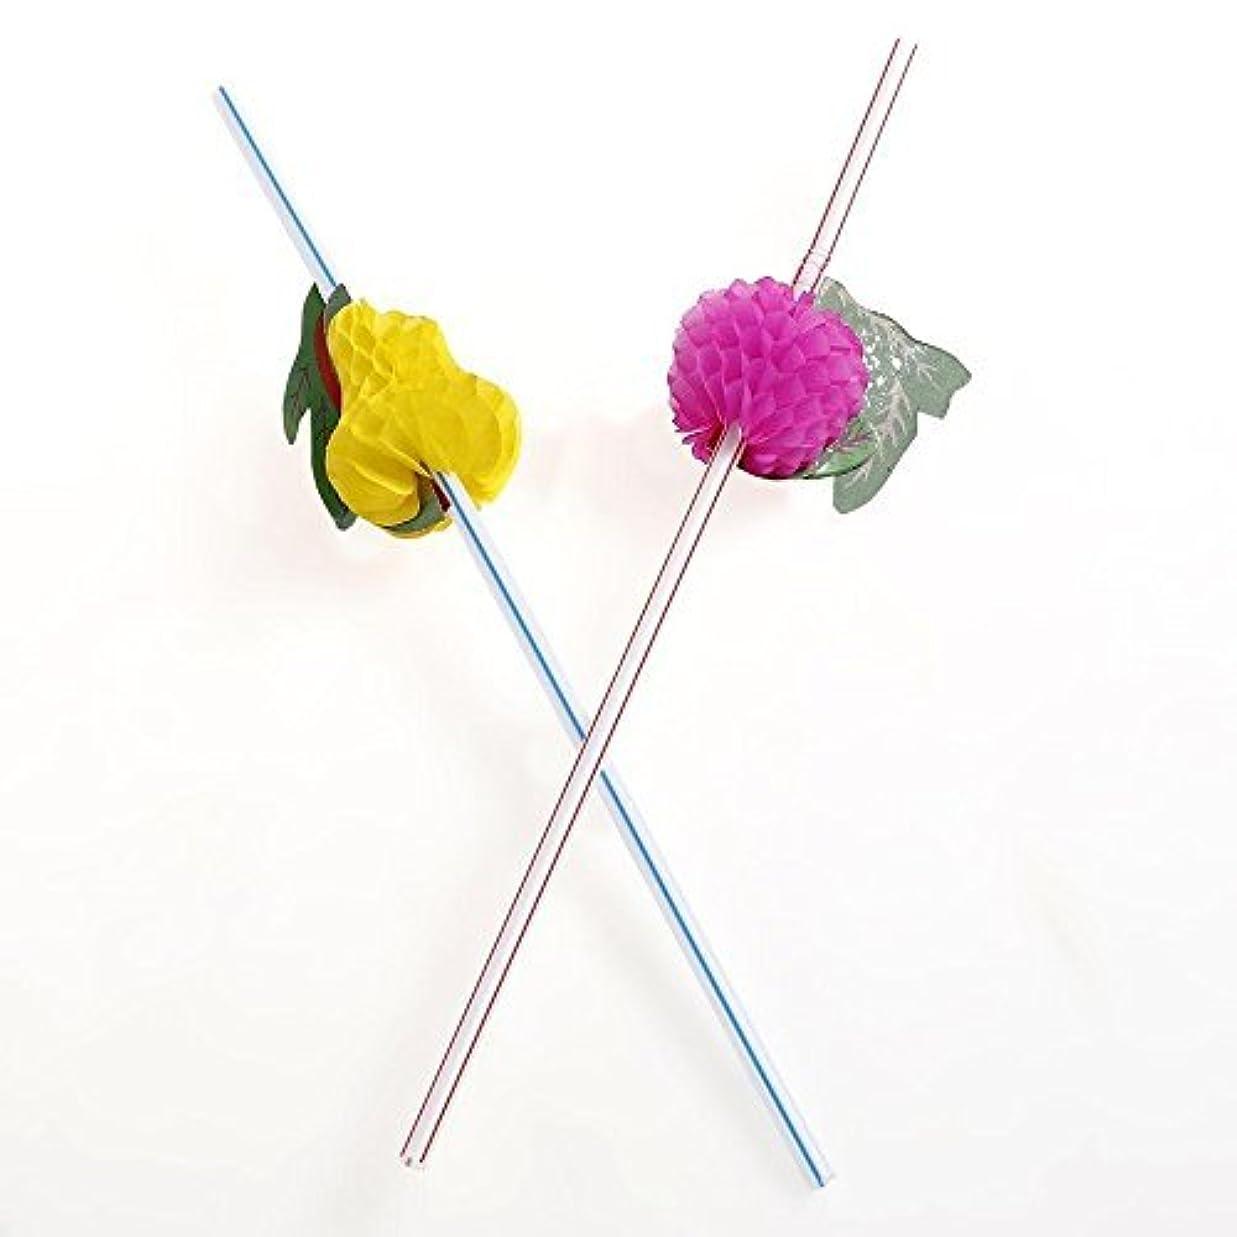 冷えるブルーム発表誕生日パーティーのための各種ストローの果実